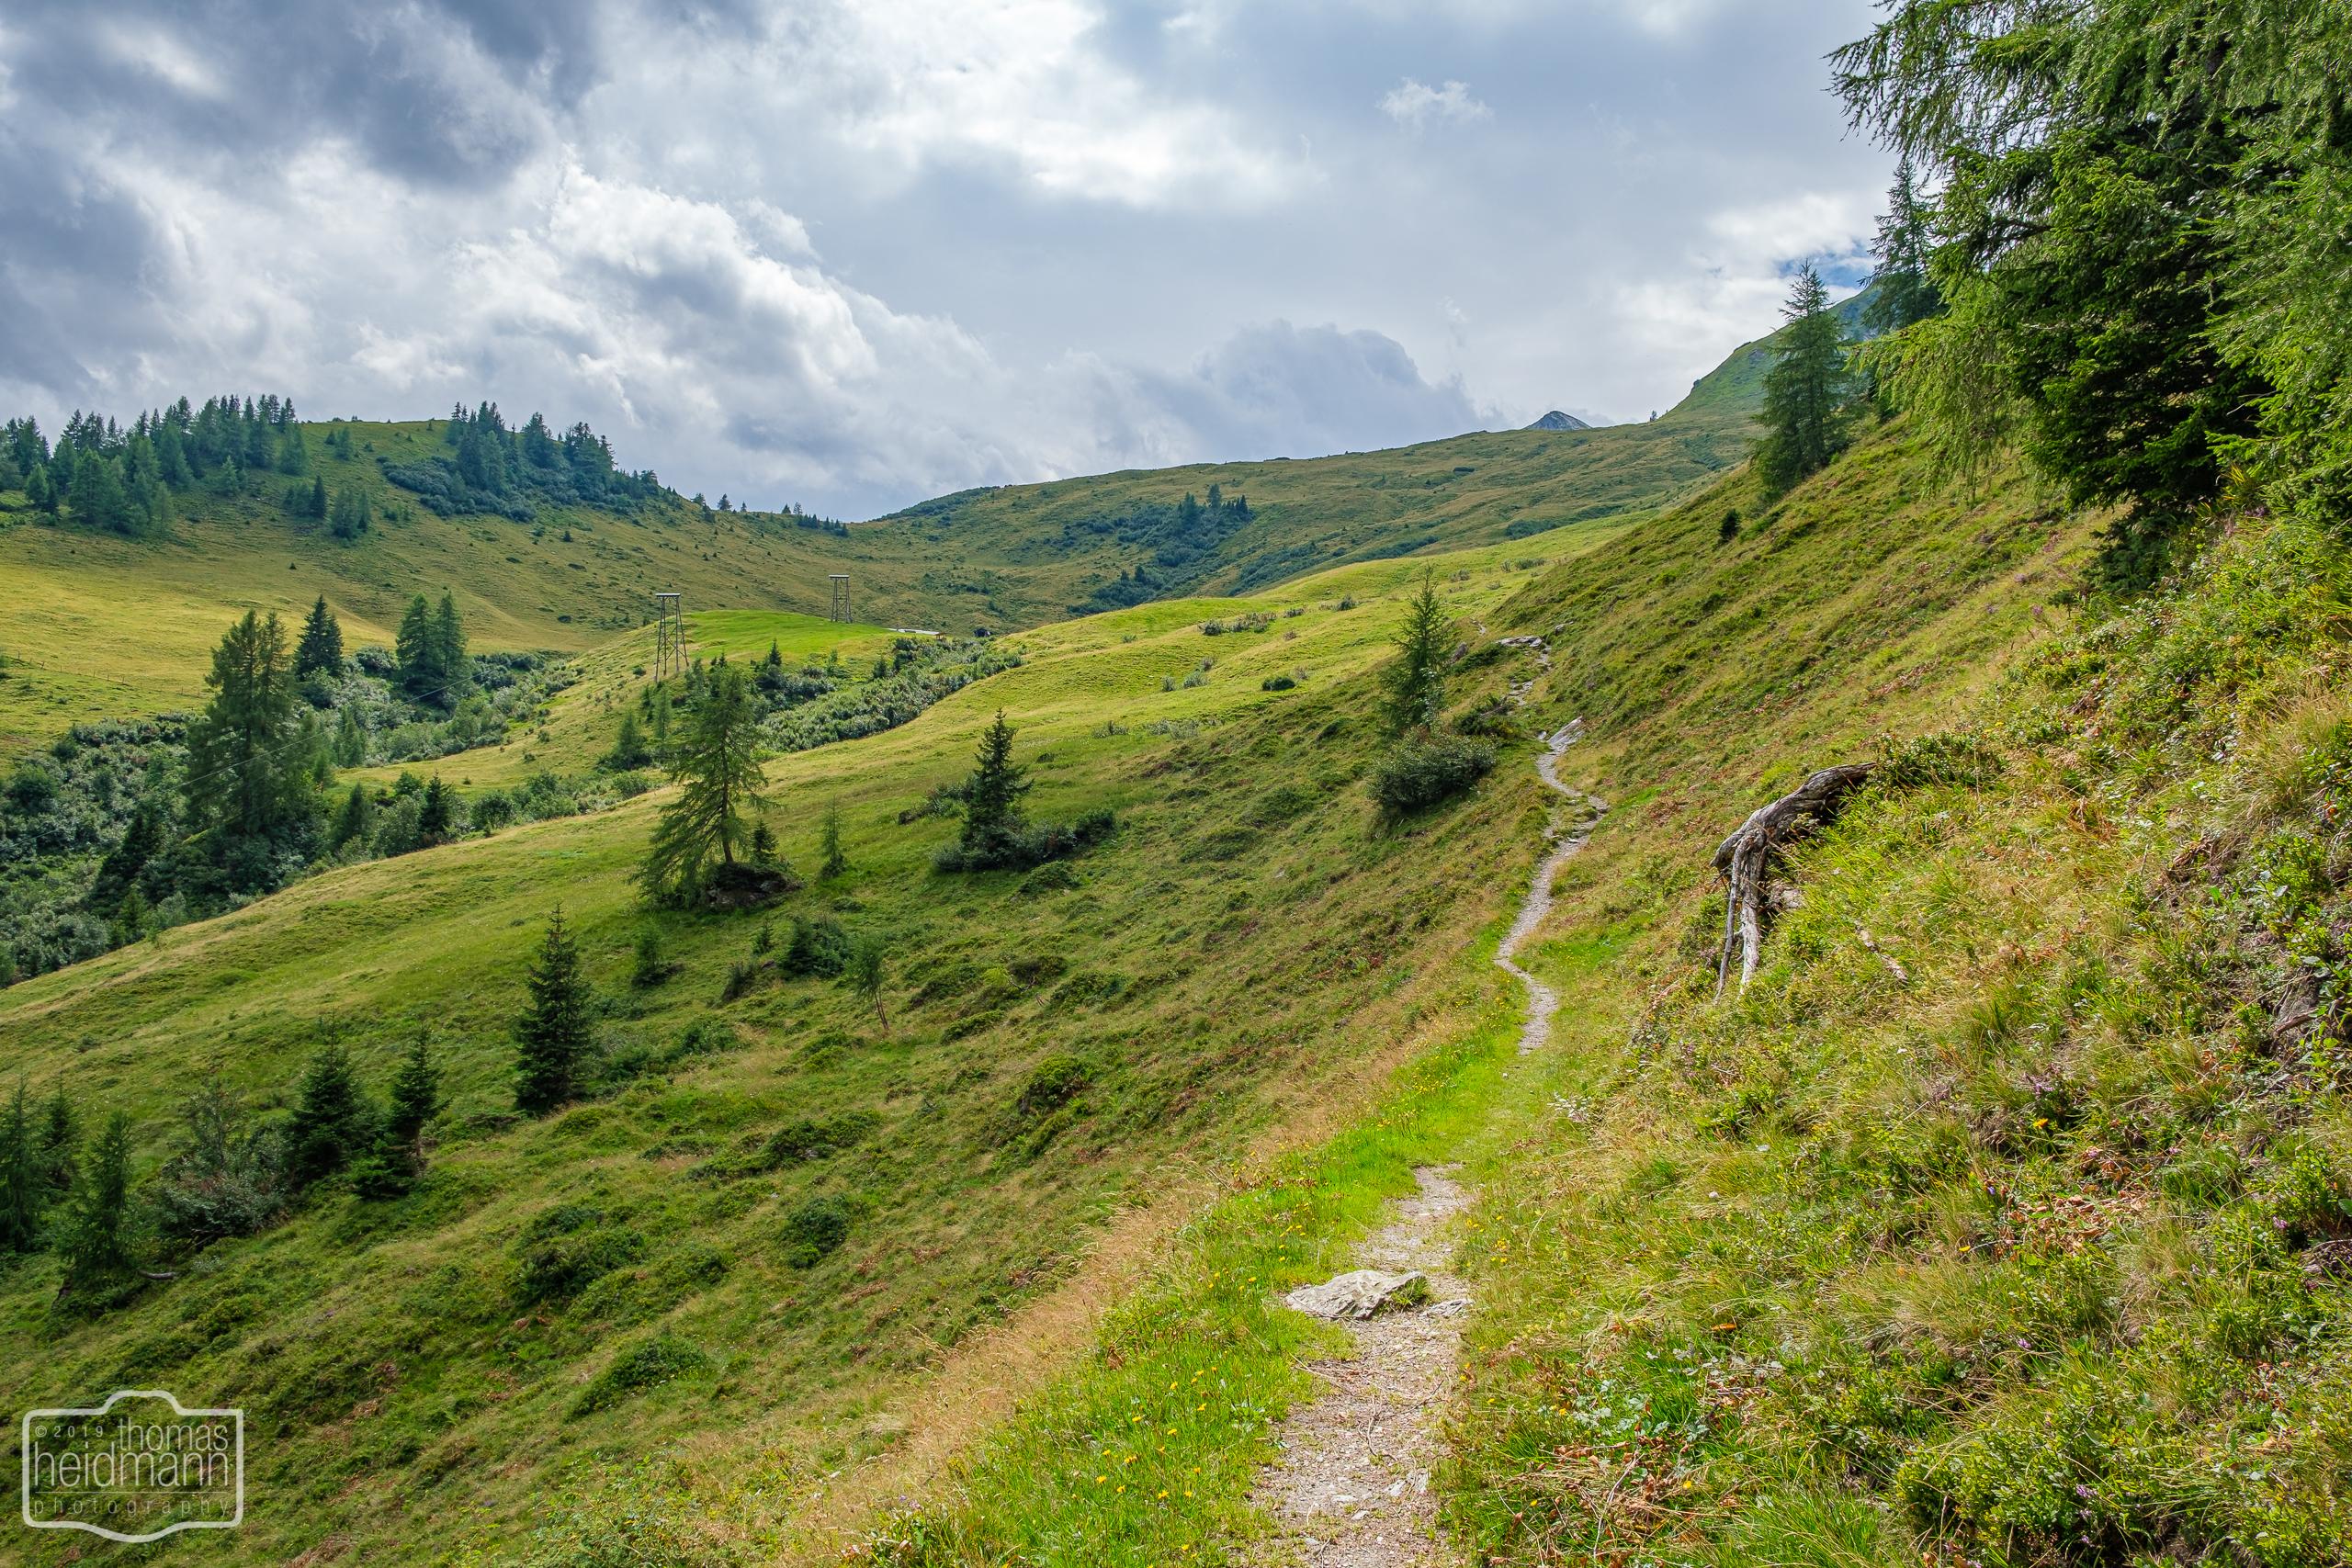 Wanderung zur Hirschgrubenalm und Modereggalm - Der Wanderweg